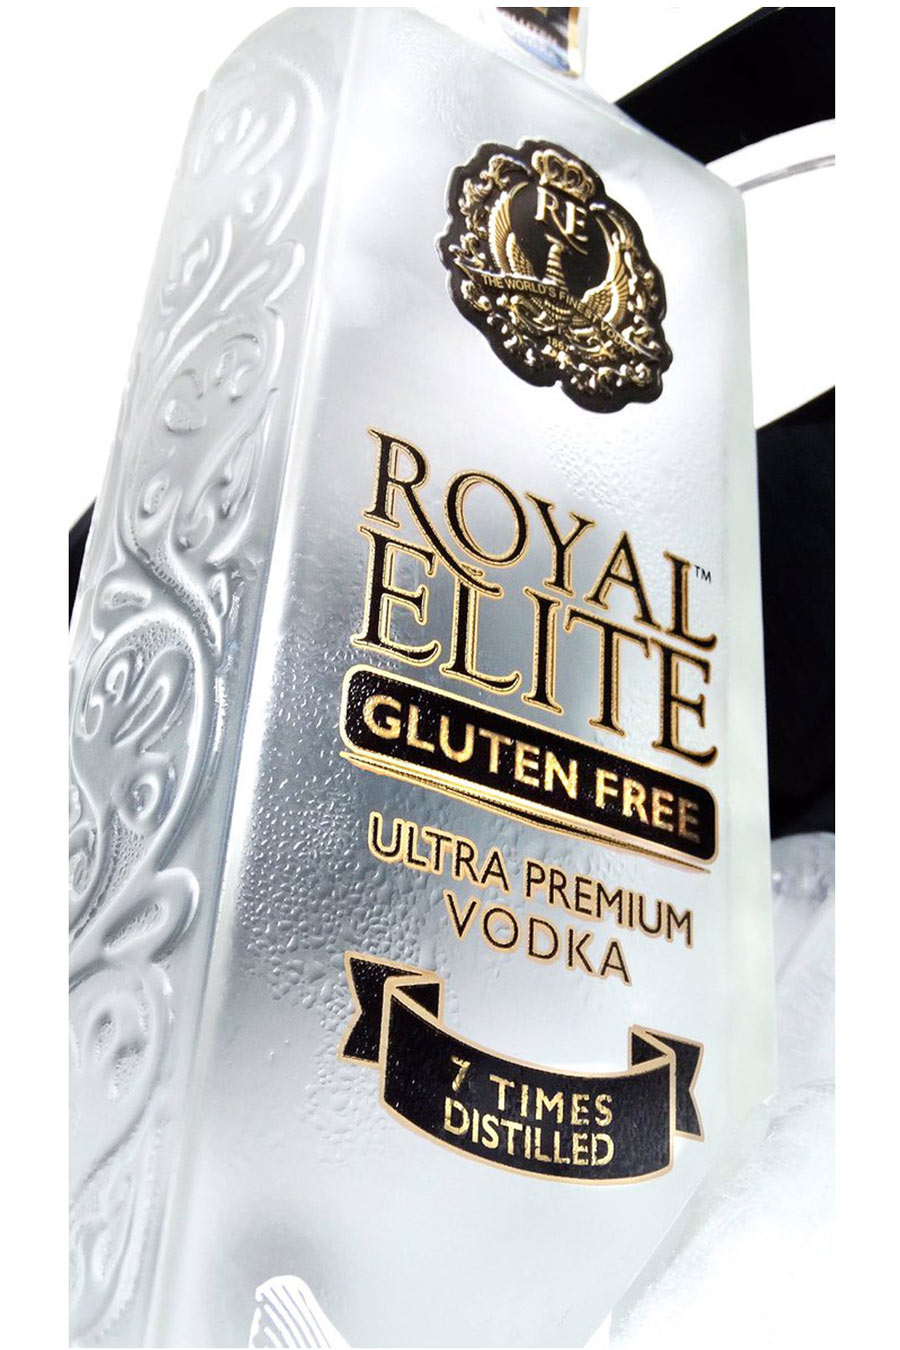 Royal Elite Vodka Price   Royal Elite Vodka   Royal Elite Gluten